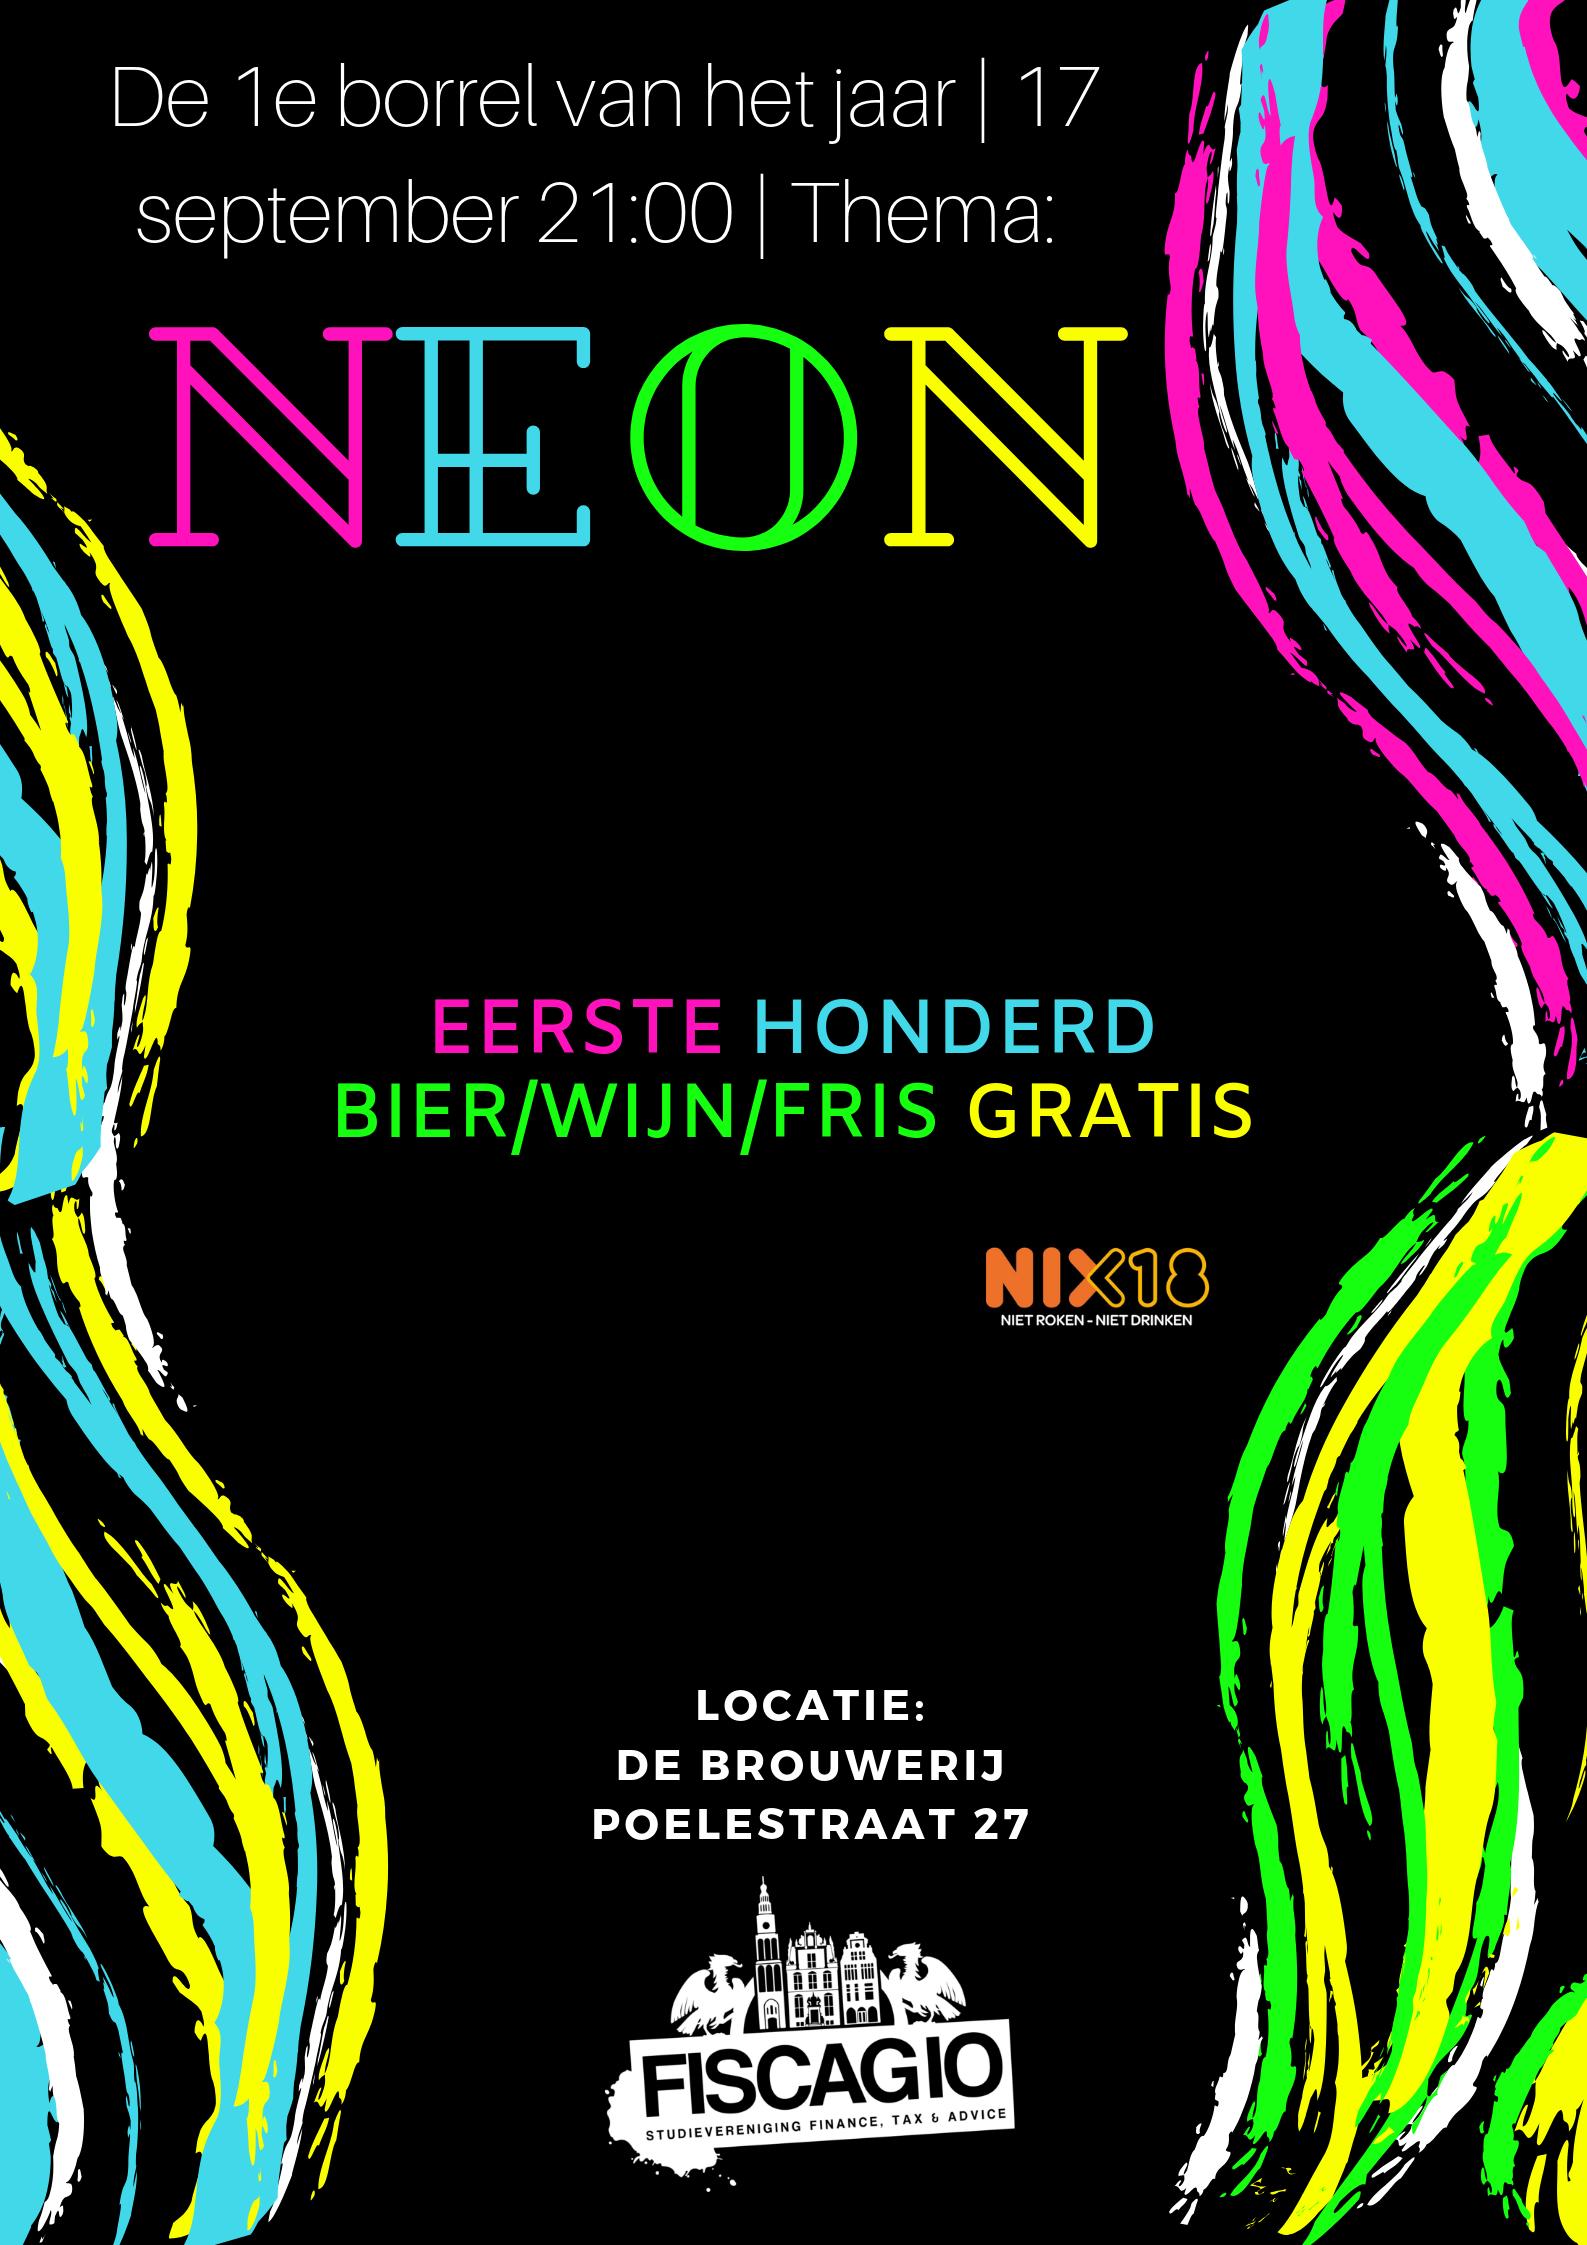 Borrel - Neonparty